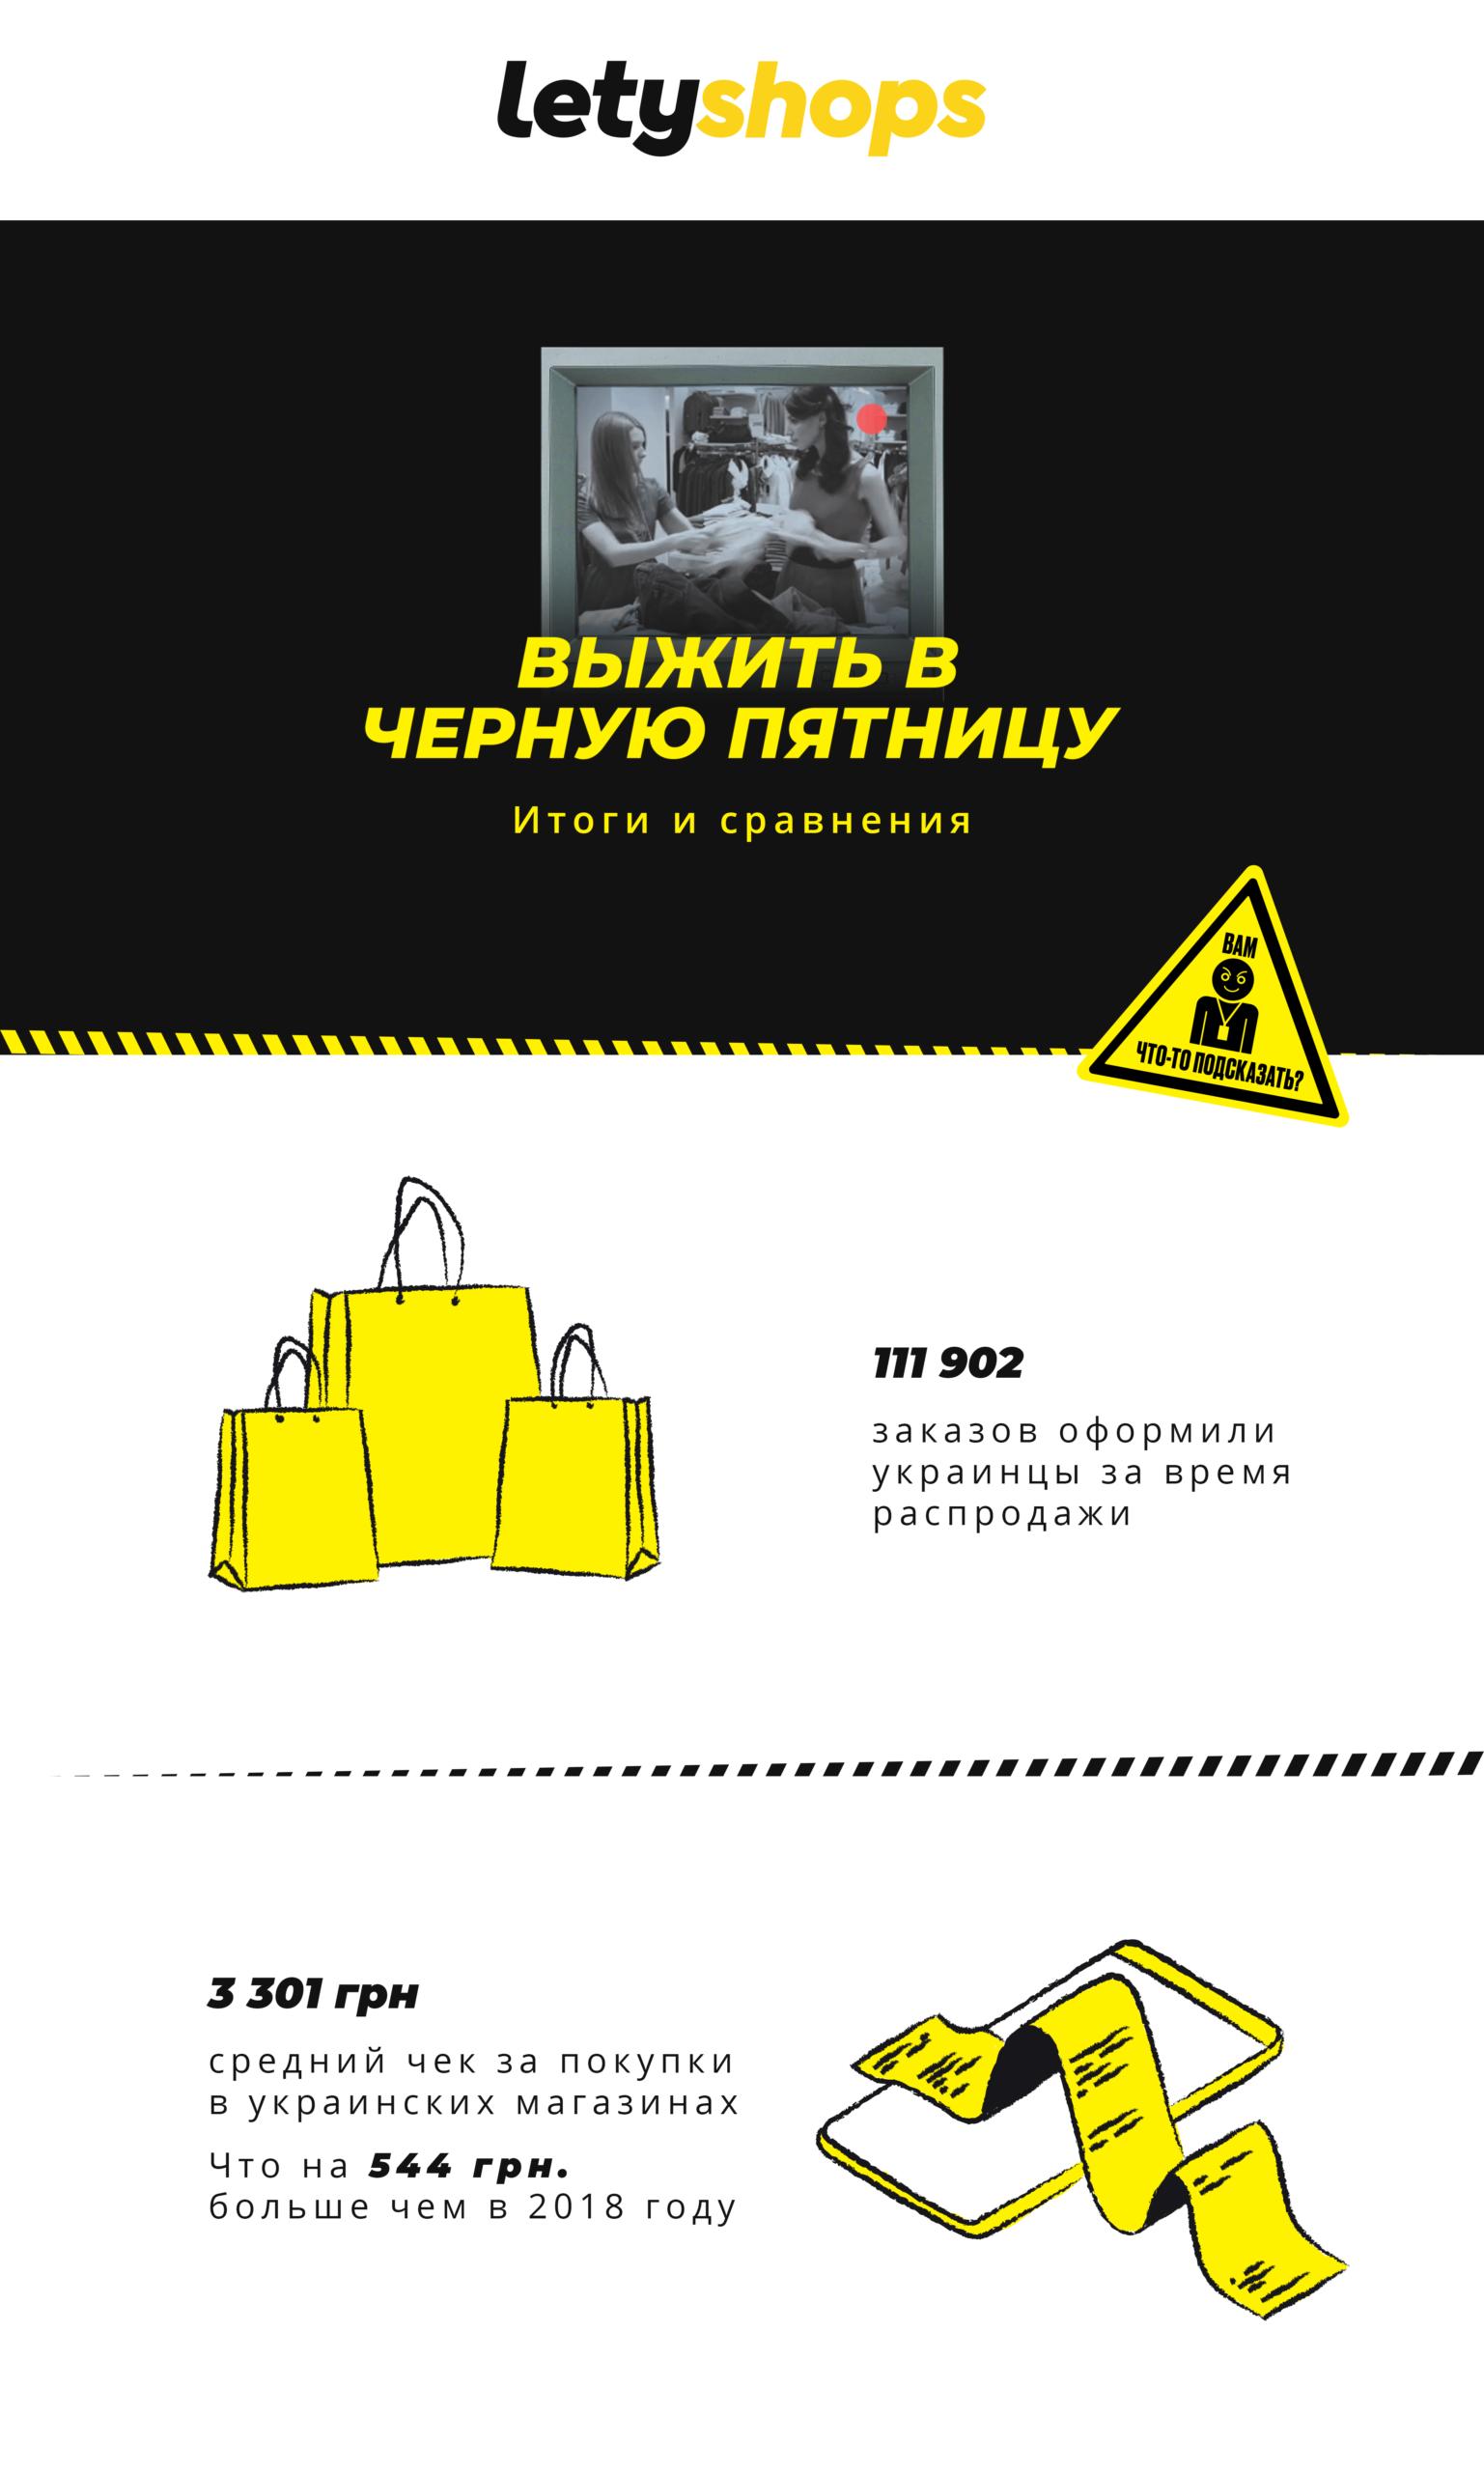 «Чорна п'ятниця» в цифрах: українці витратили 74,4 млн грн - дані LetyShops - news